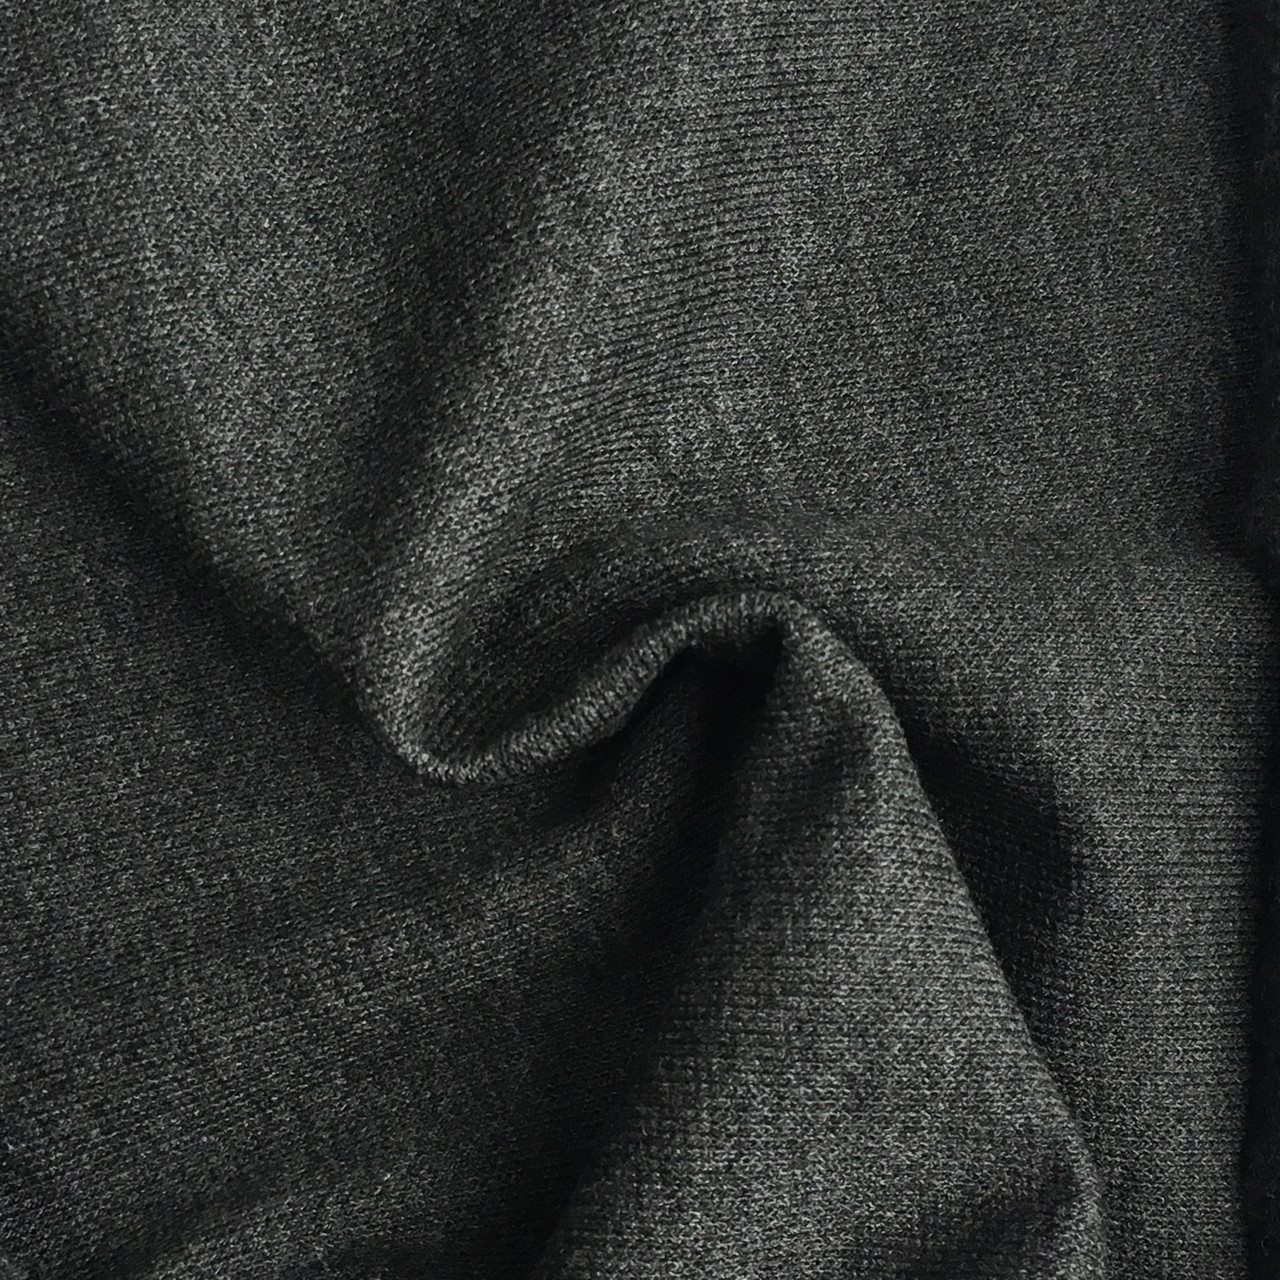 Трикотаж Рибана однотонная, антрацит (темно серый), качество пенье. Купить оптом рибану в Украине